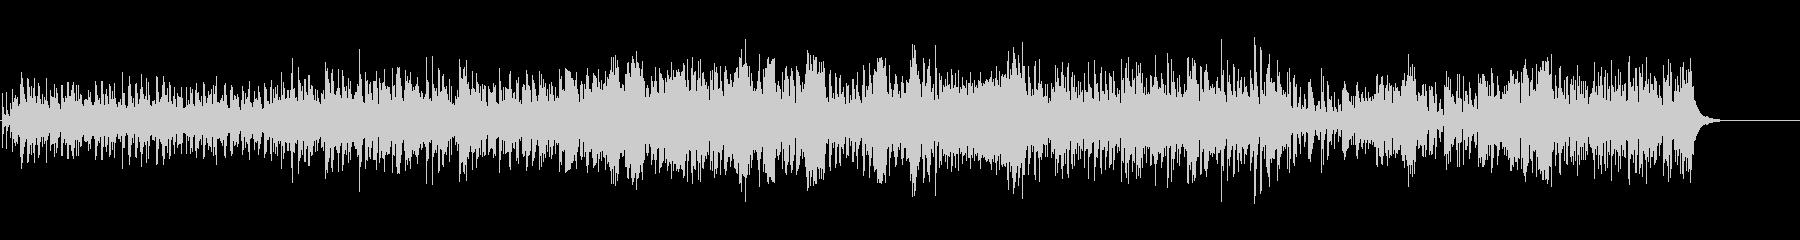 南国のゆるいBGMの未再生の波形